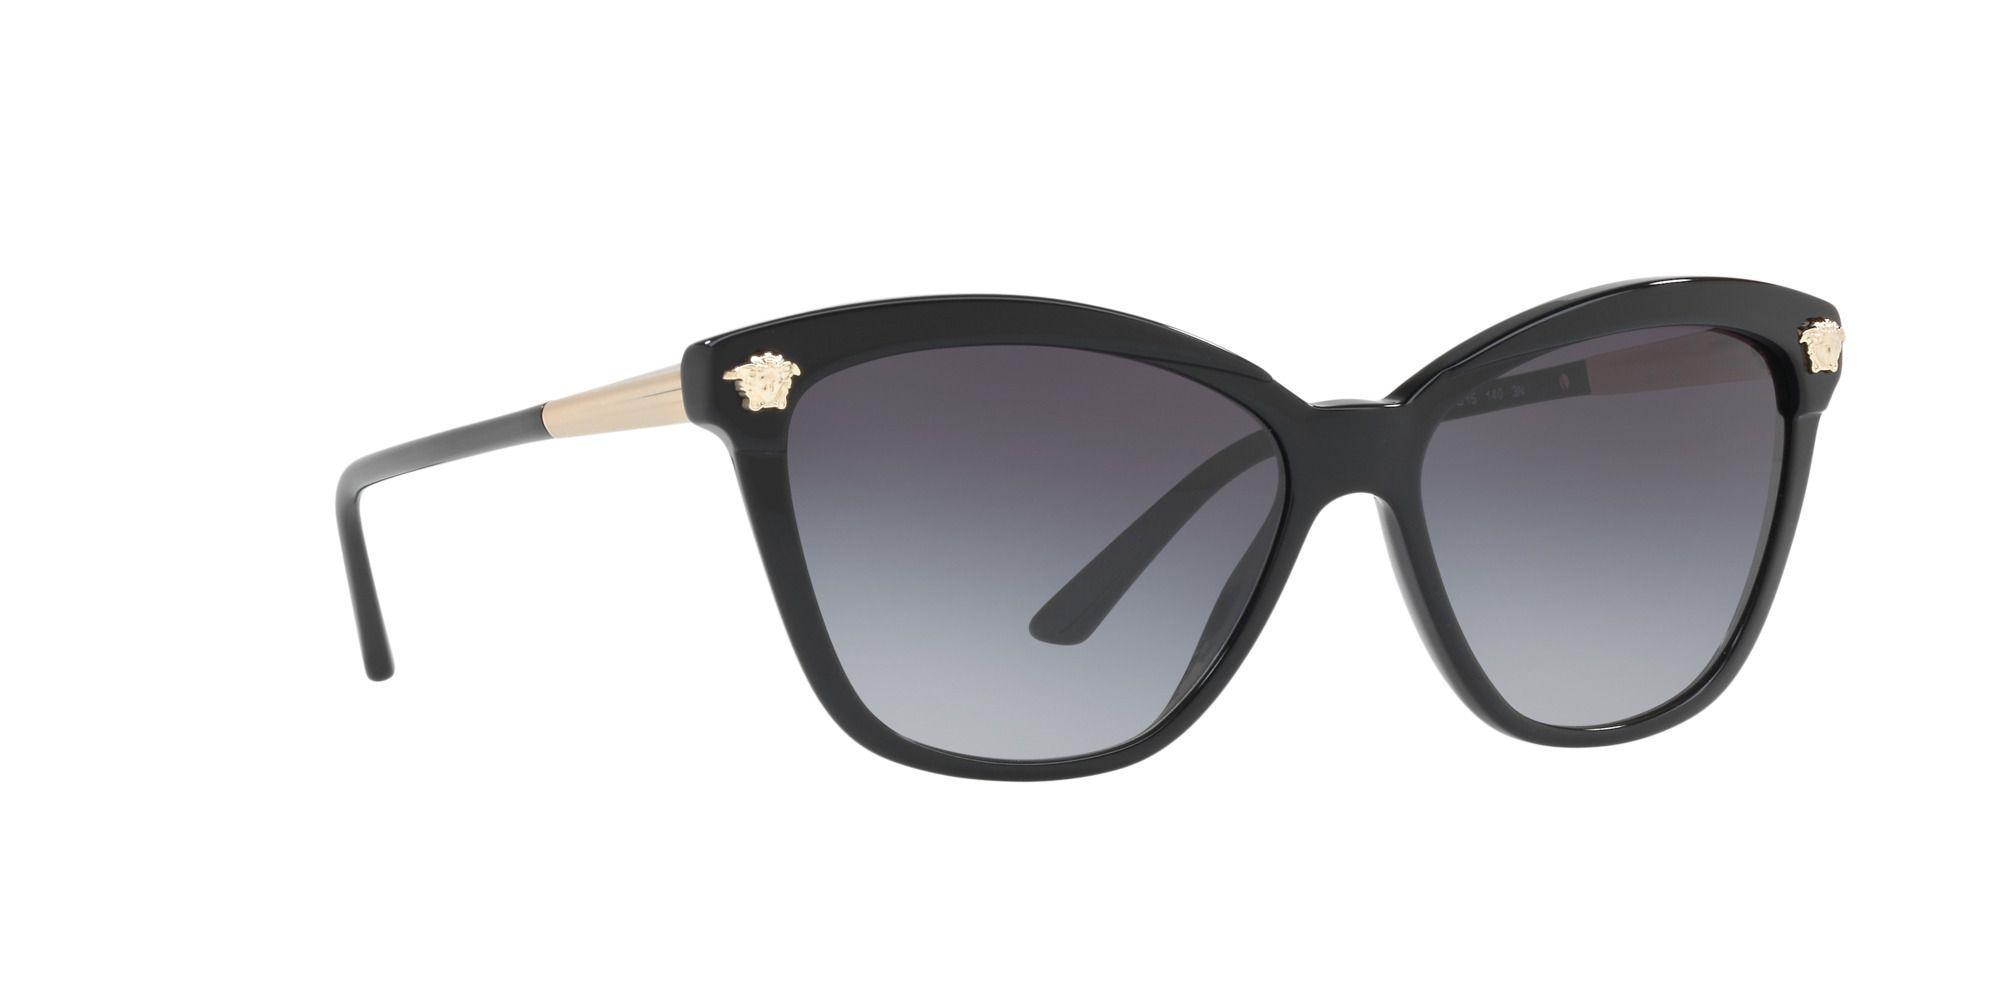 a49a14de4fd8 Versace Black Ve4313 Butterfly Sunglasses in Black - Lyst